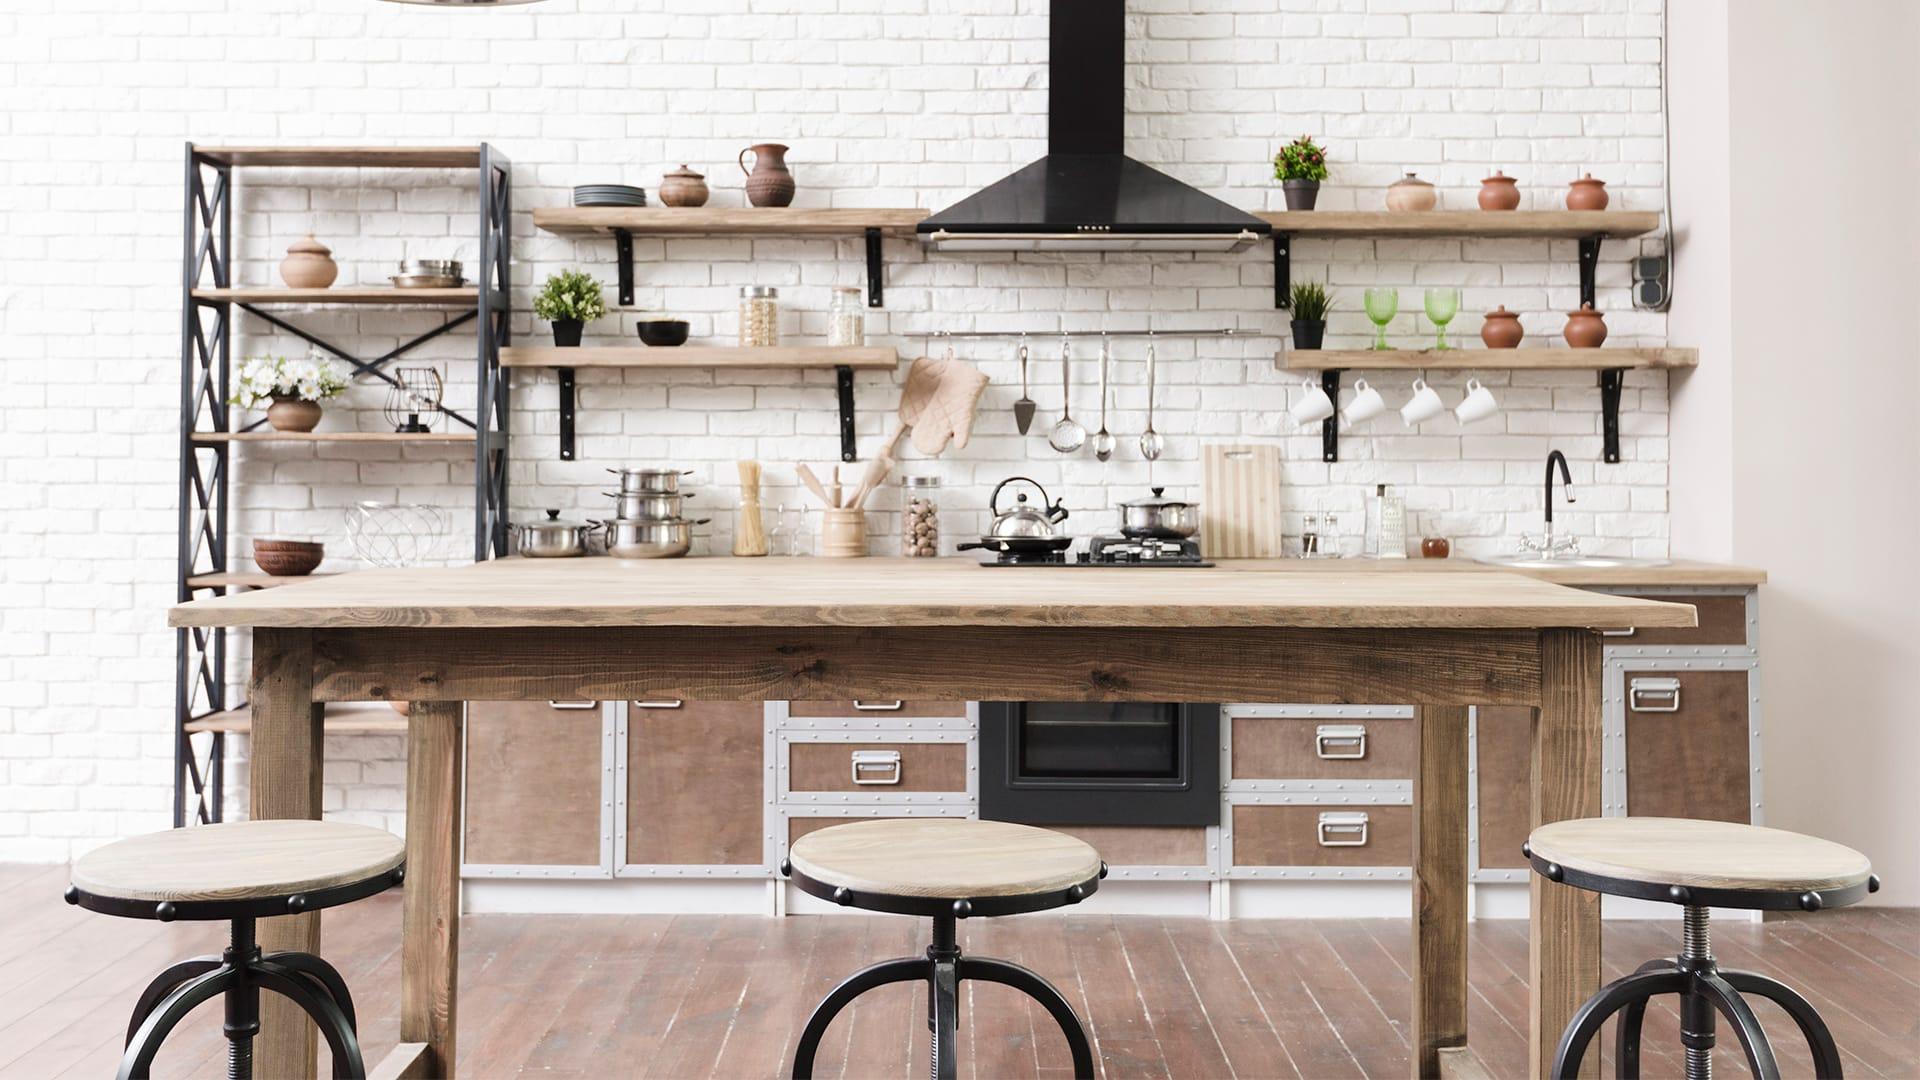 Biała kuchnia w stylu loftowym z hokerami